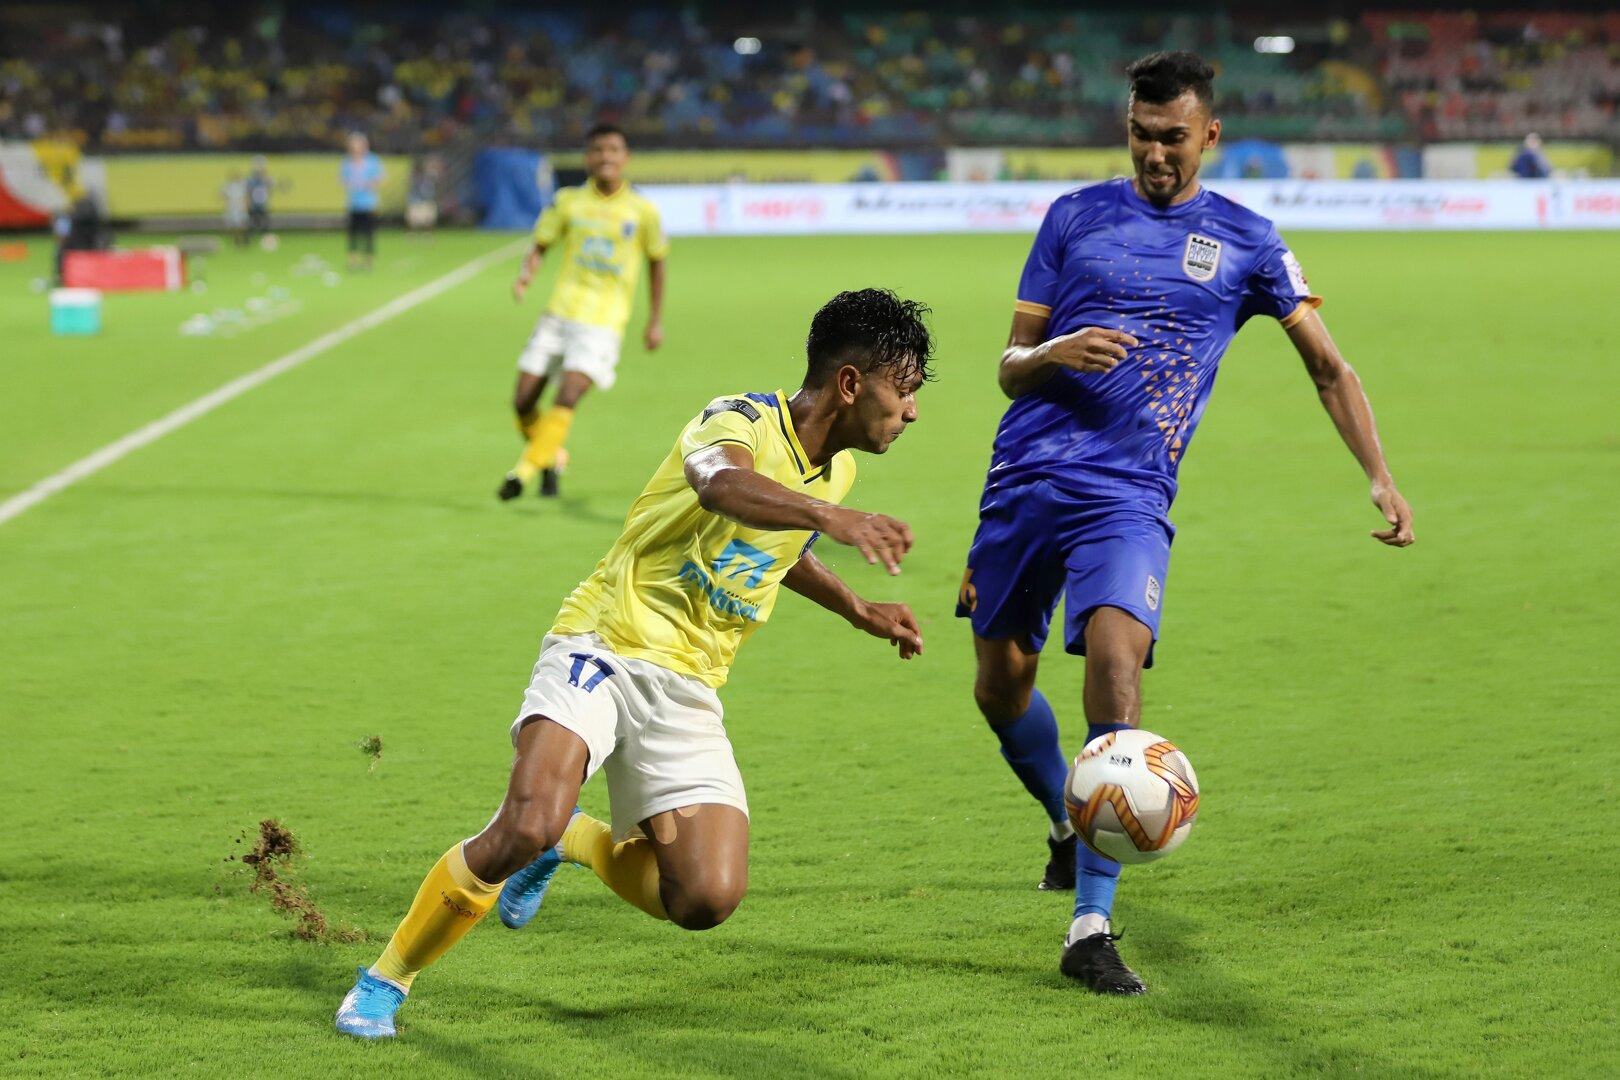 ISL 2019-20 Sarthak Golui with Rahul KP in Kerala Blasters Vs Mumbai City FC